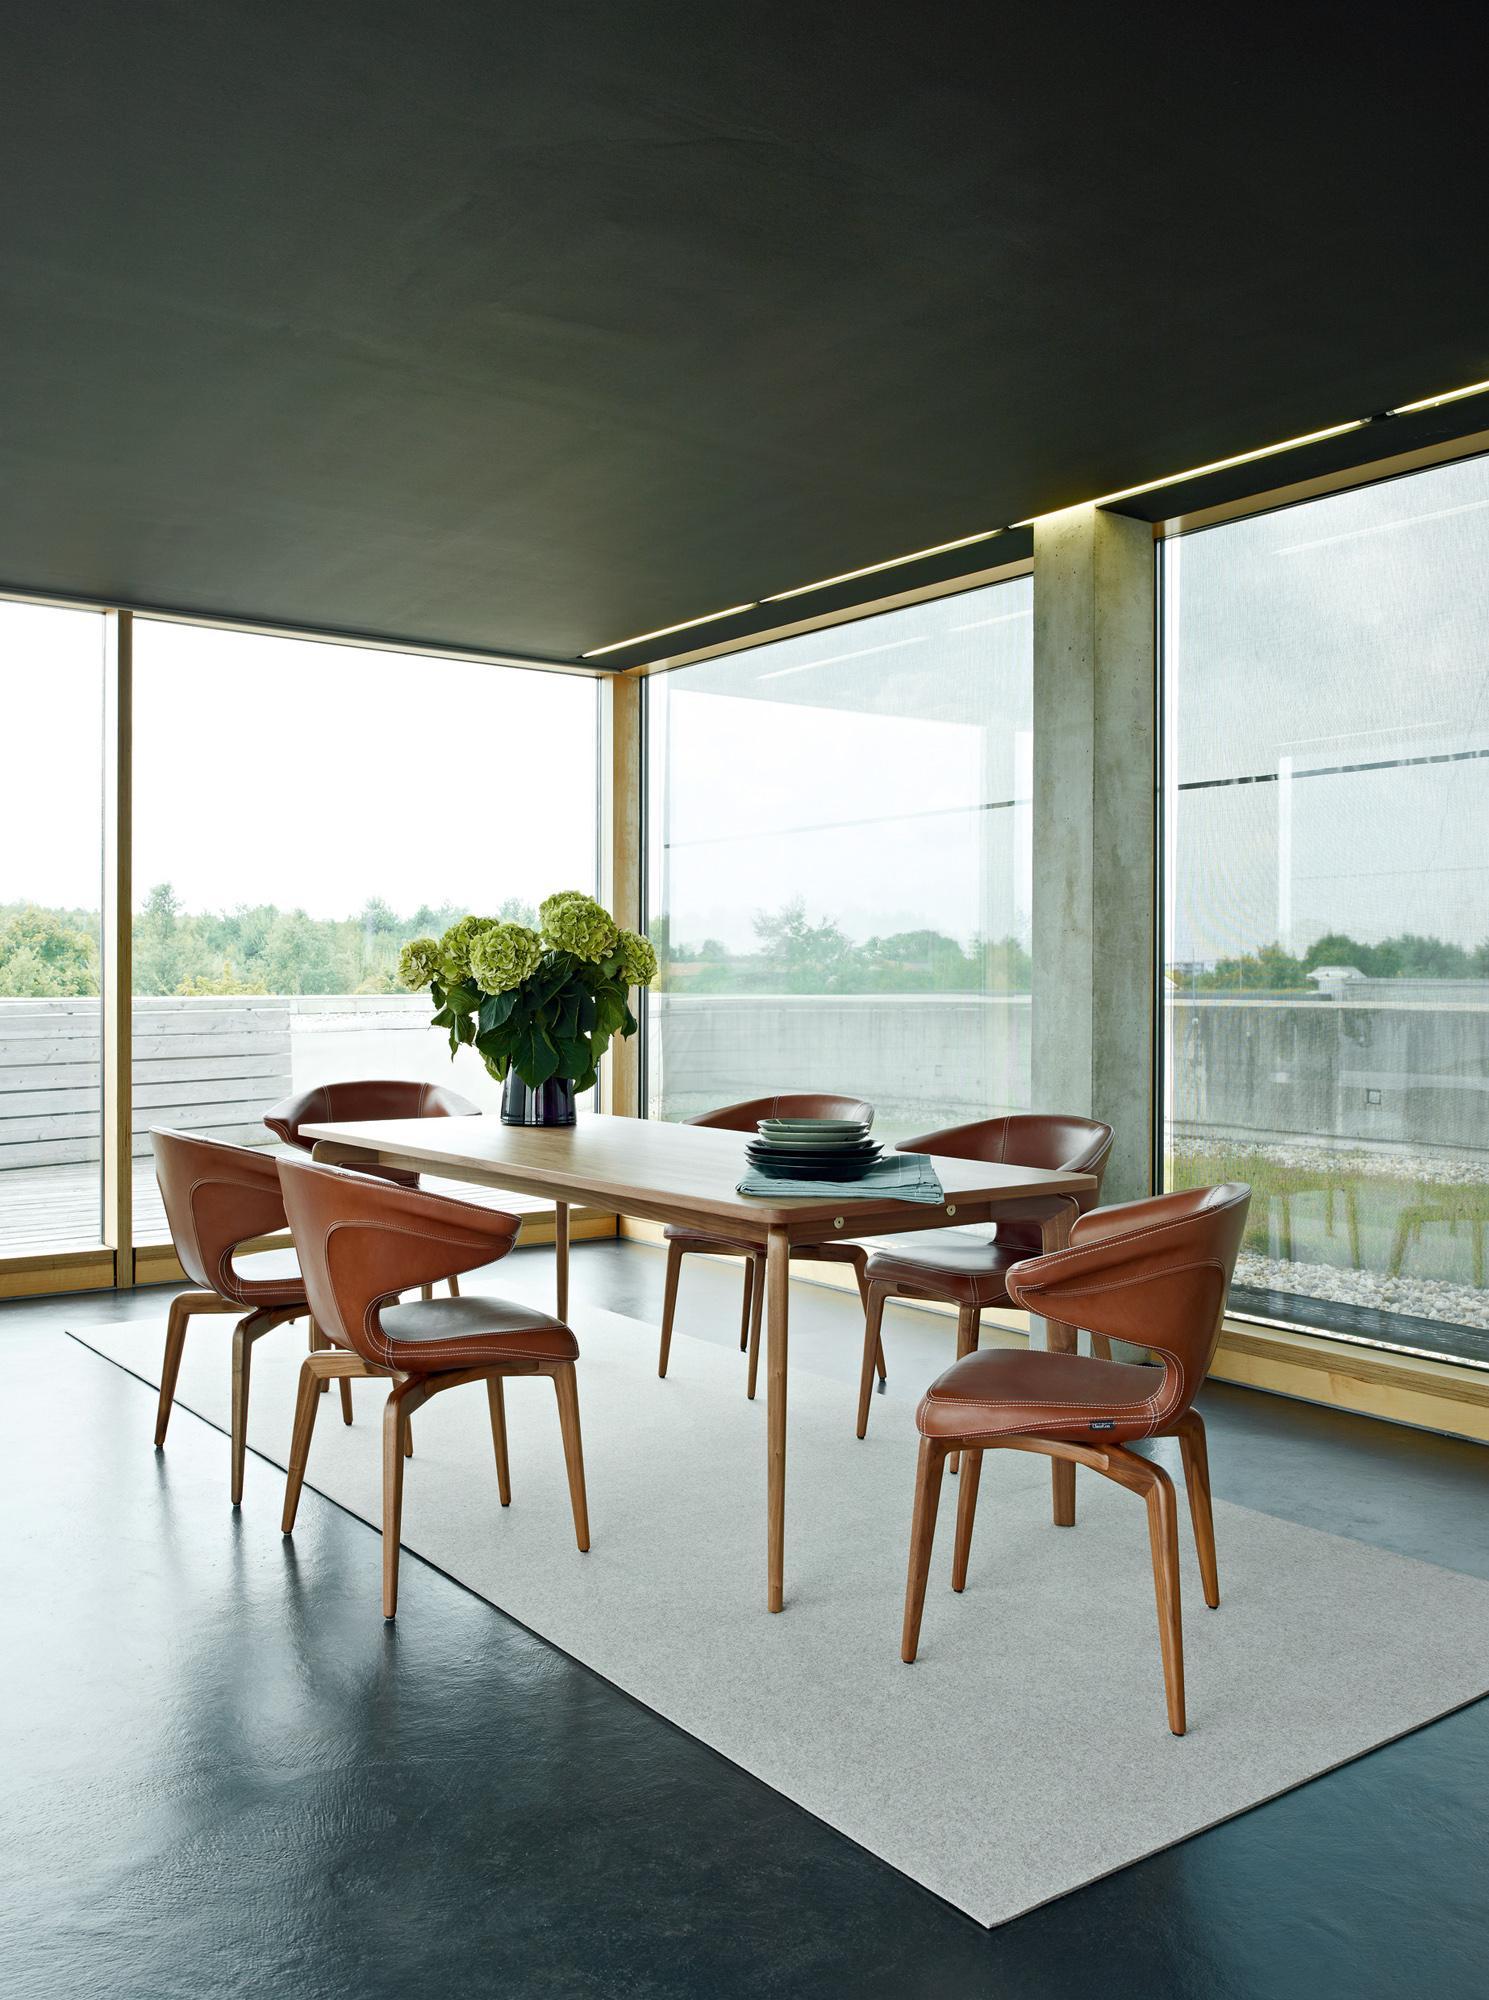 munich armchairs und munich table im modernen ambiente esstisch esszimmerteppich - Teppich Unter Esstisch